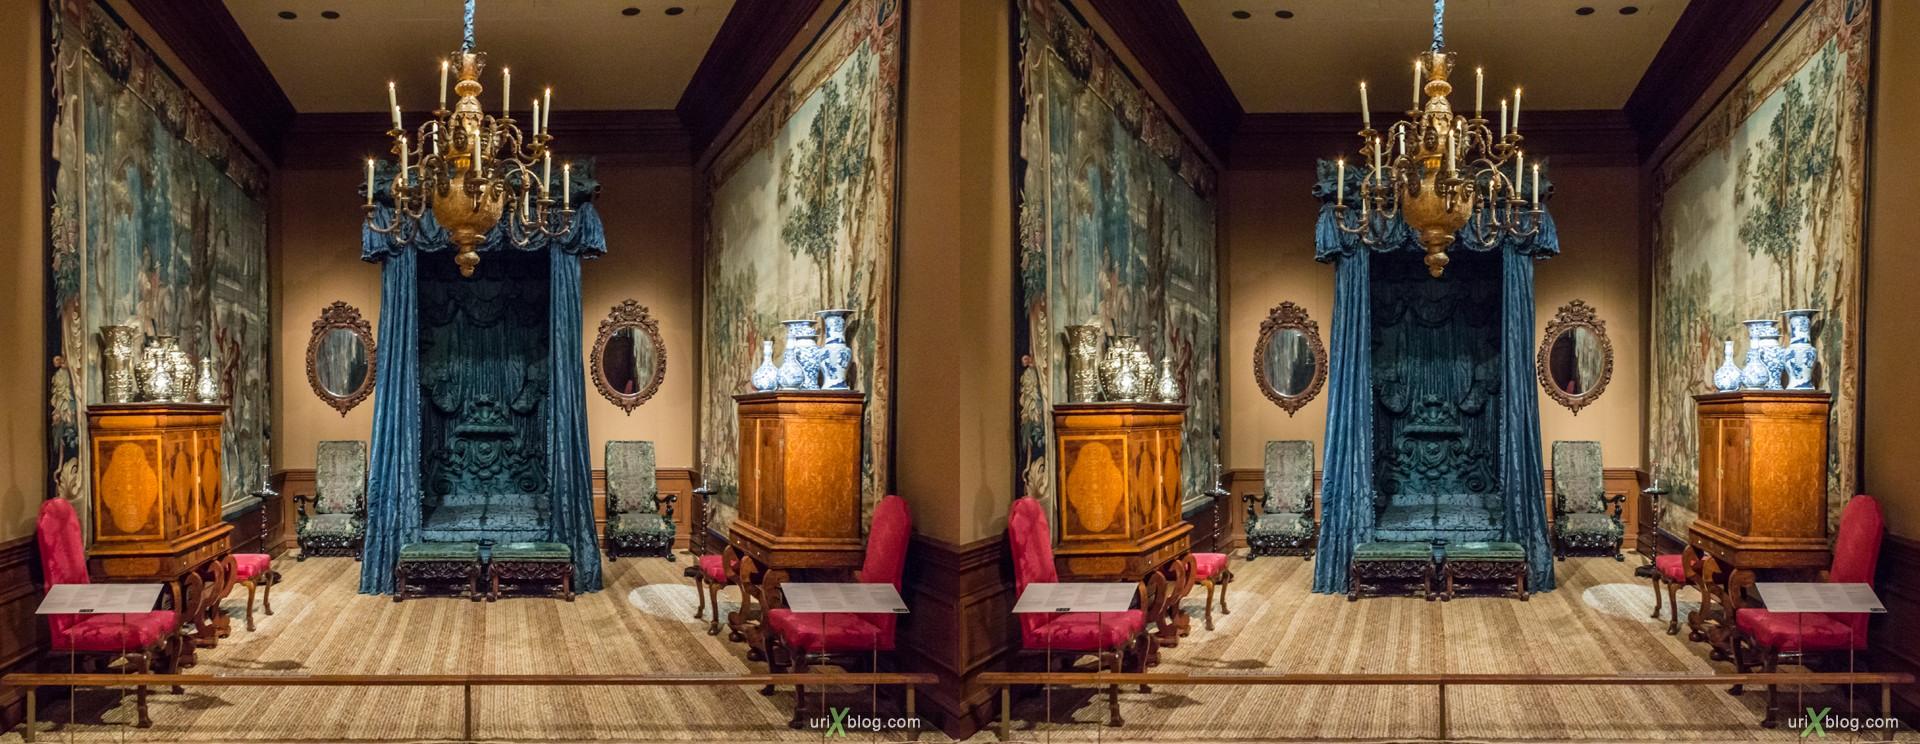 2013, Metropolitan Museum of Art, Нью-Йорк, США, музей, 3D, перекрёстные стереопары, стерео, стереопара, стереопары